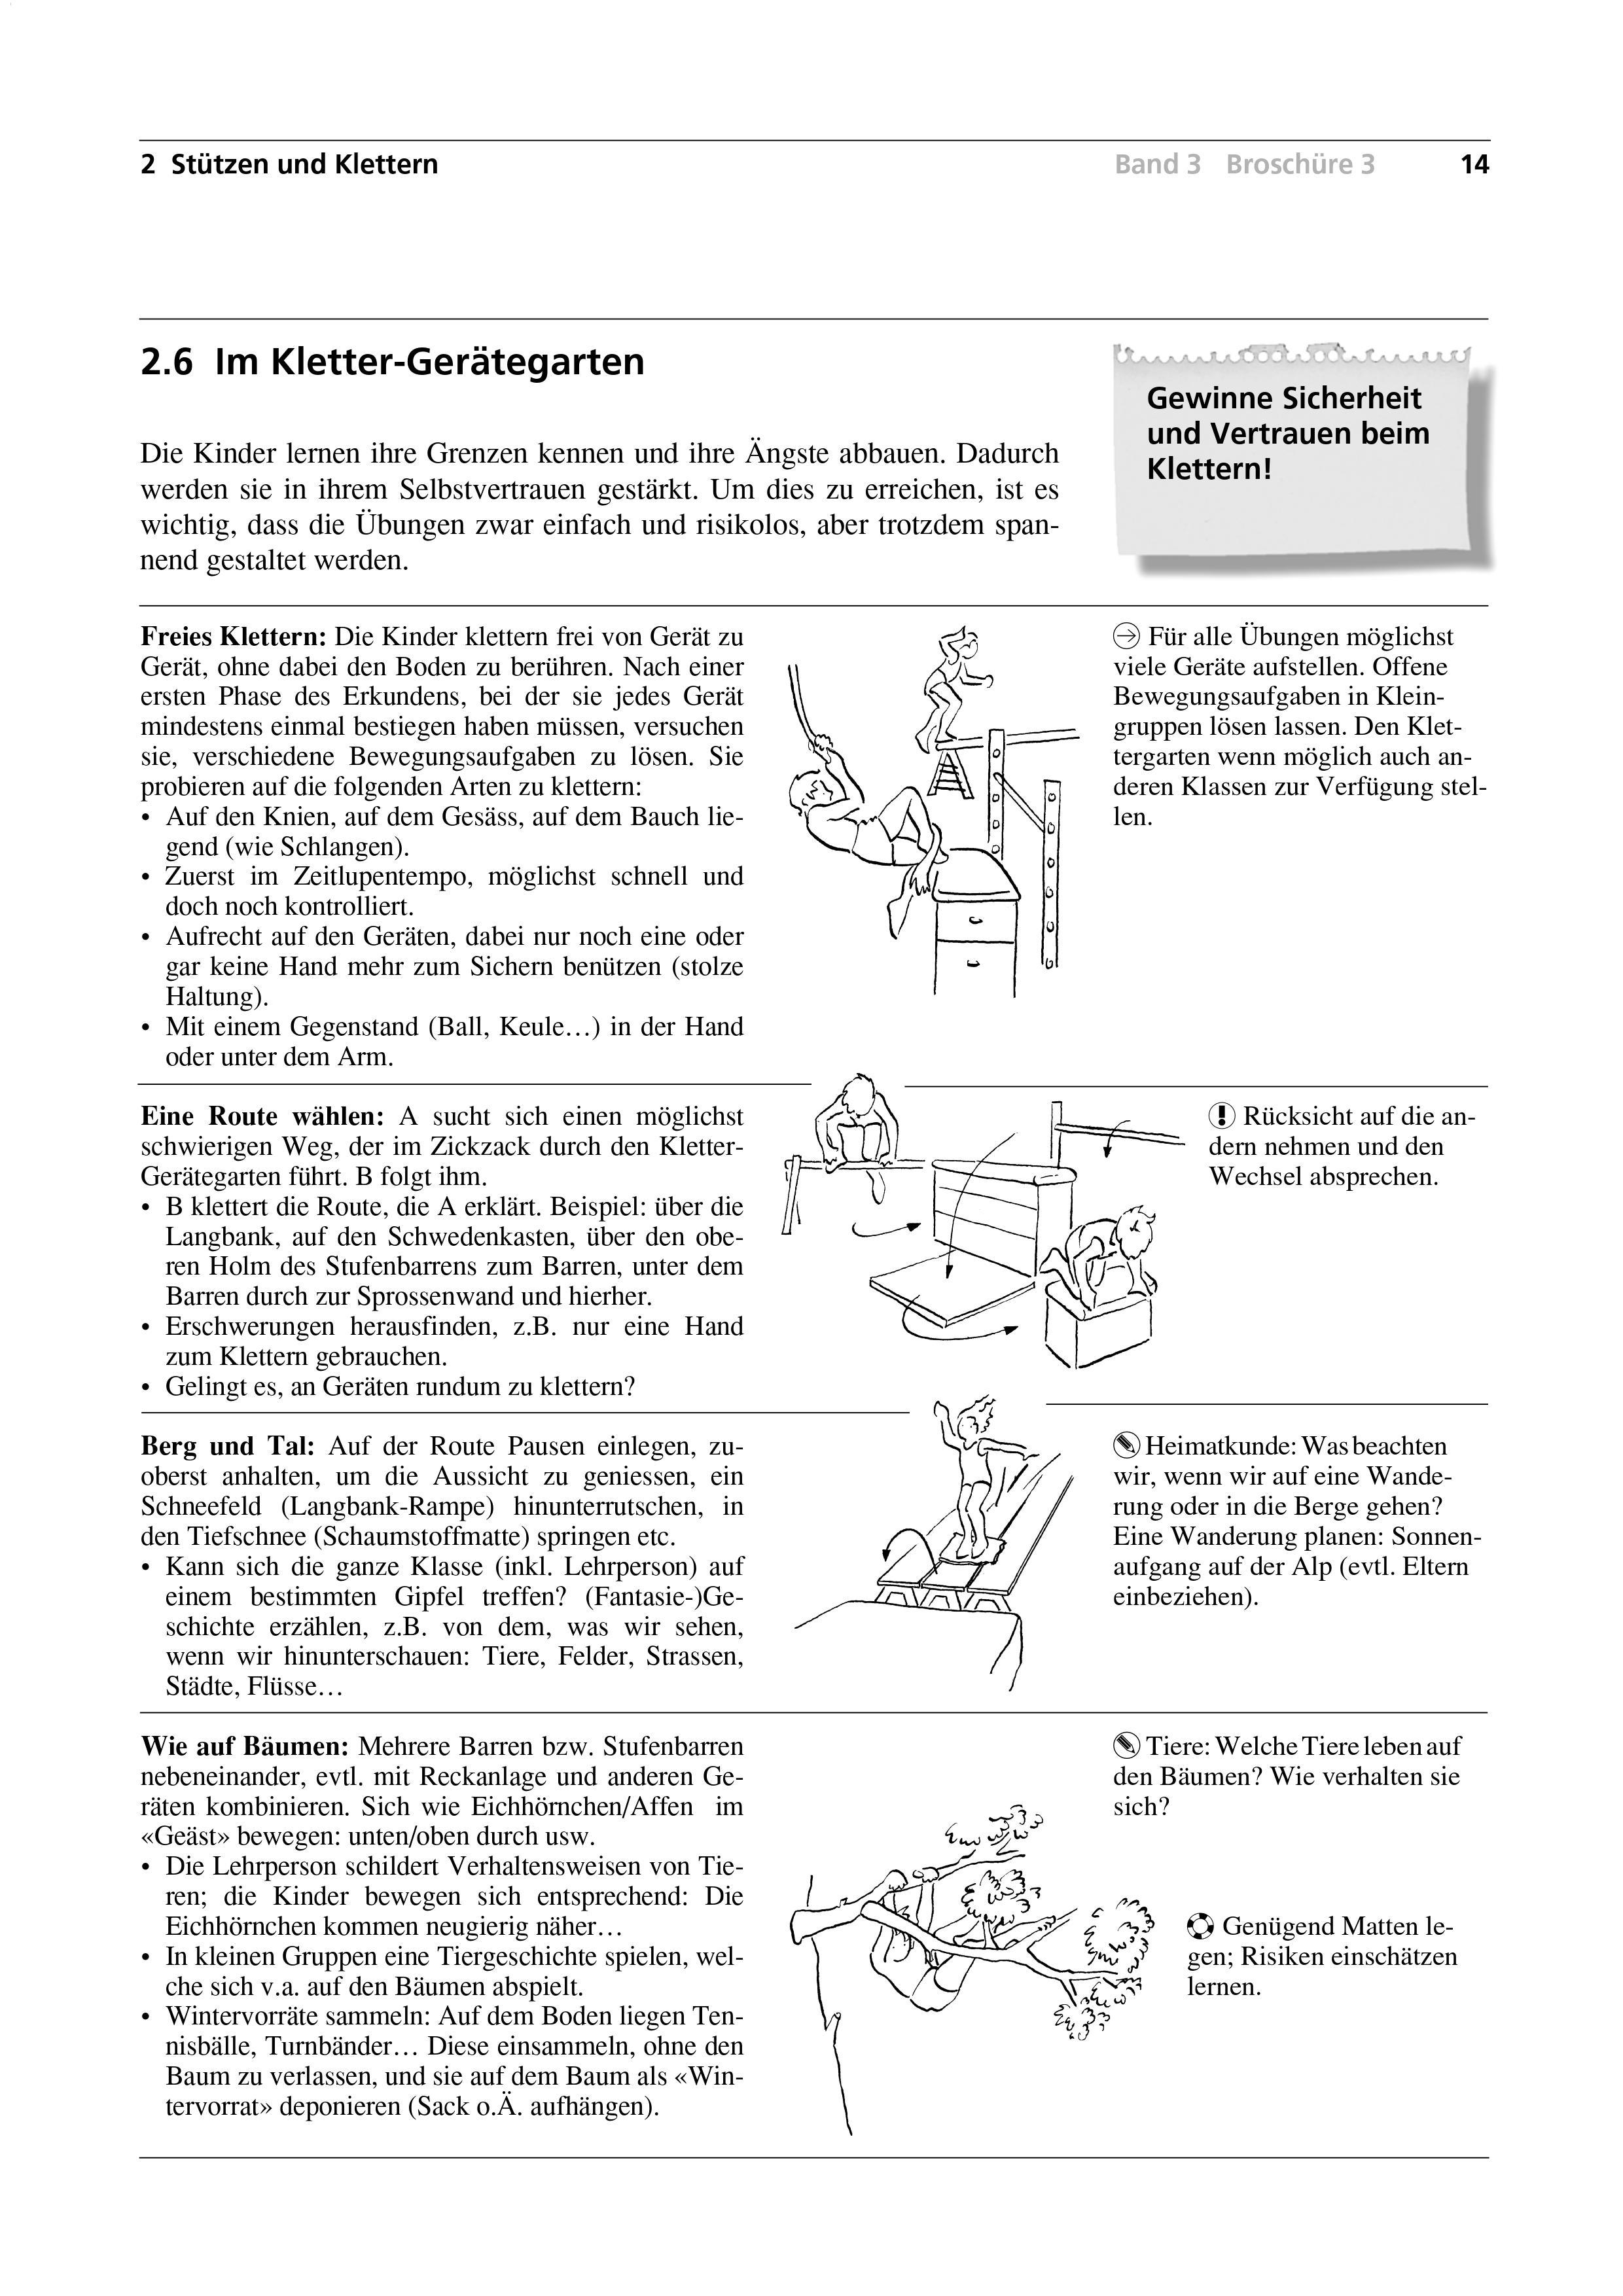 Preview image for LOM object Im Kletter-Gerätegarten